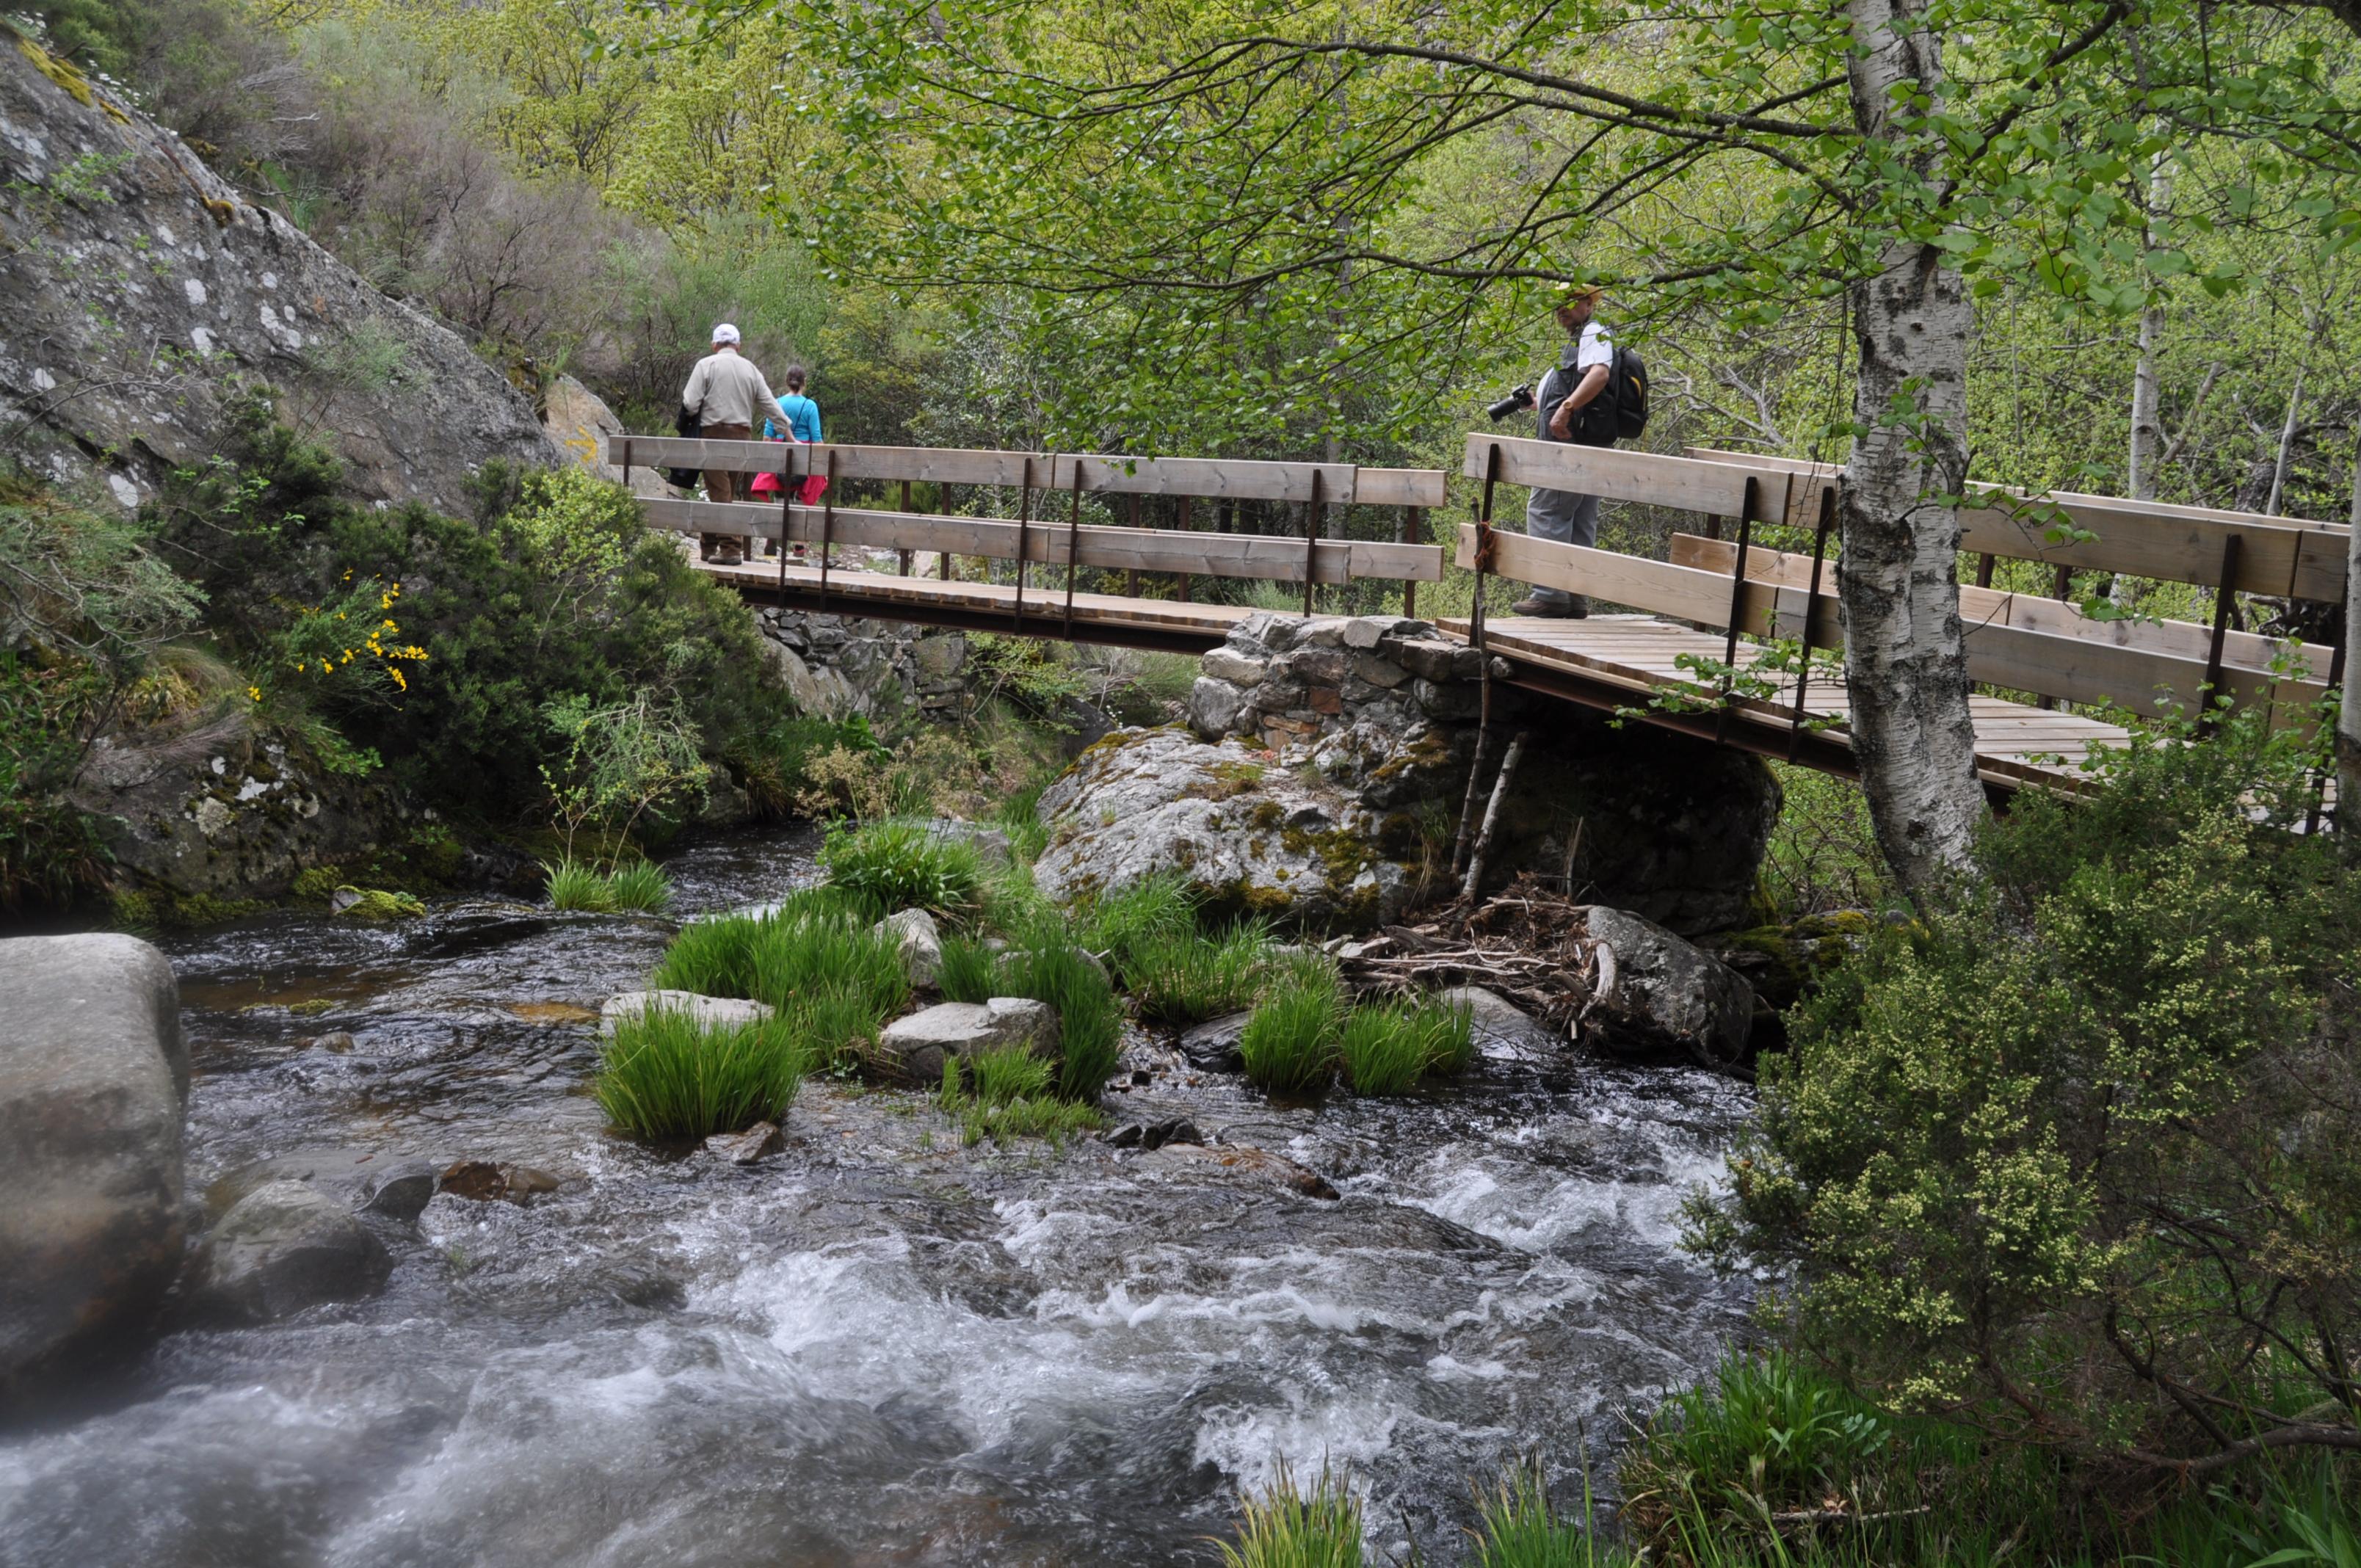 Los nuevos puentes sobre el Boeza, construidos por el Ayuntamiento de Igüeña, hacen más fácil el camino.